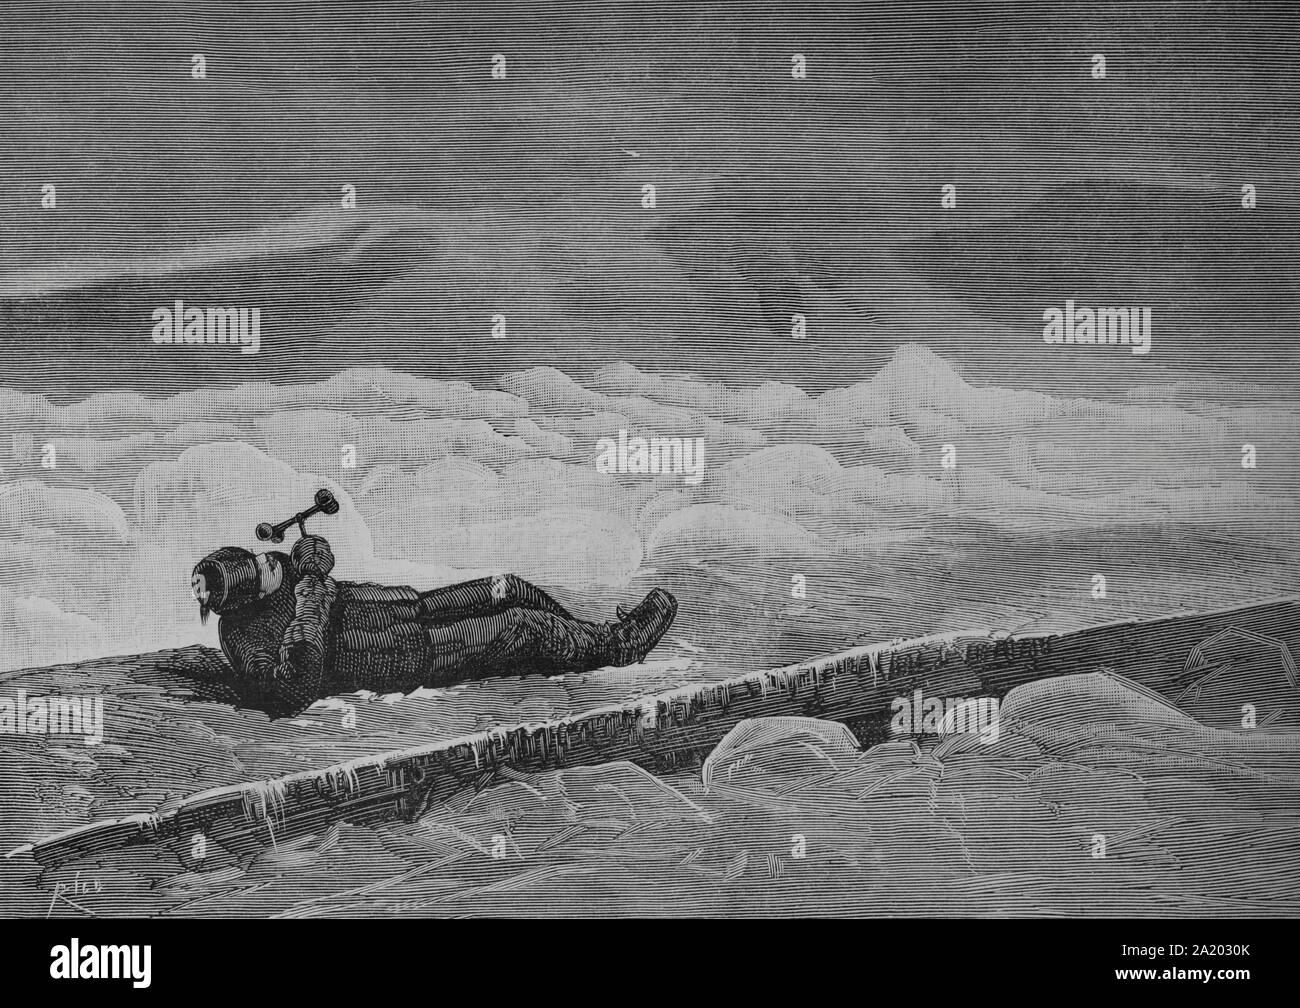 """Estados Unidos de América. Nuevo Hampshire. Estación meteorológica del """"montaña de Washington"""". Observador de la onu apreciando la velocidad del viento en la meseta de la montaña. Grabado por Bernardo Rico (1825-1894). La Ilustración española y americana, 30 de enero de 1884. Foto de stock"""